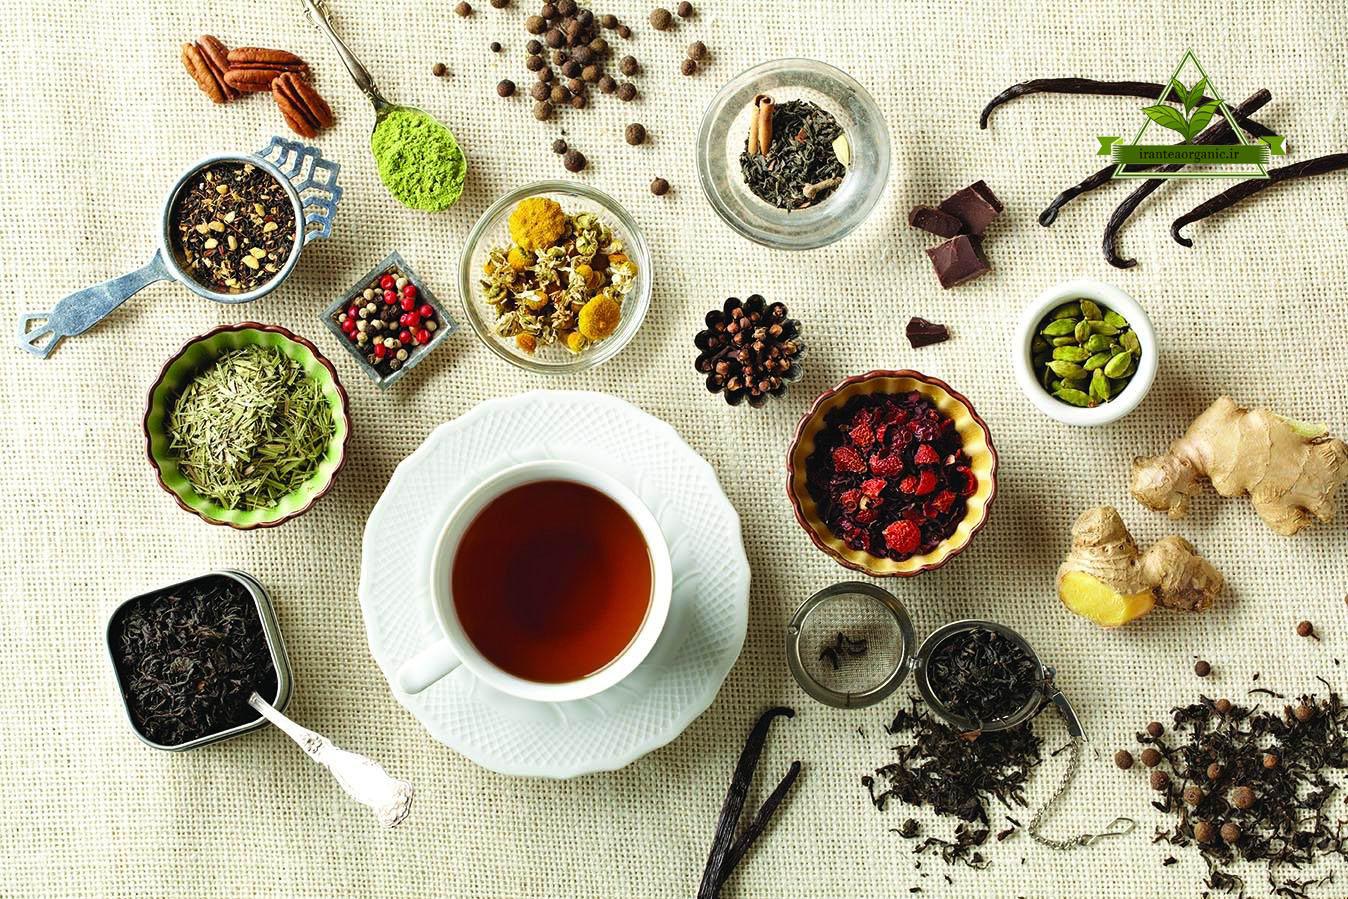 مرکز خرید چای ایرانی اینترنتی